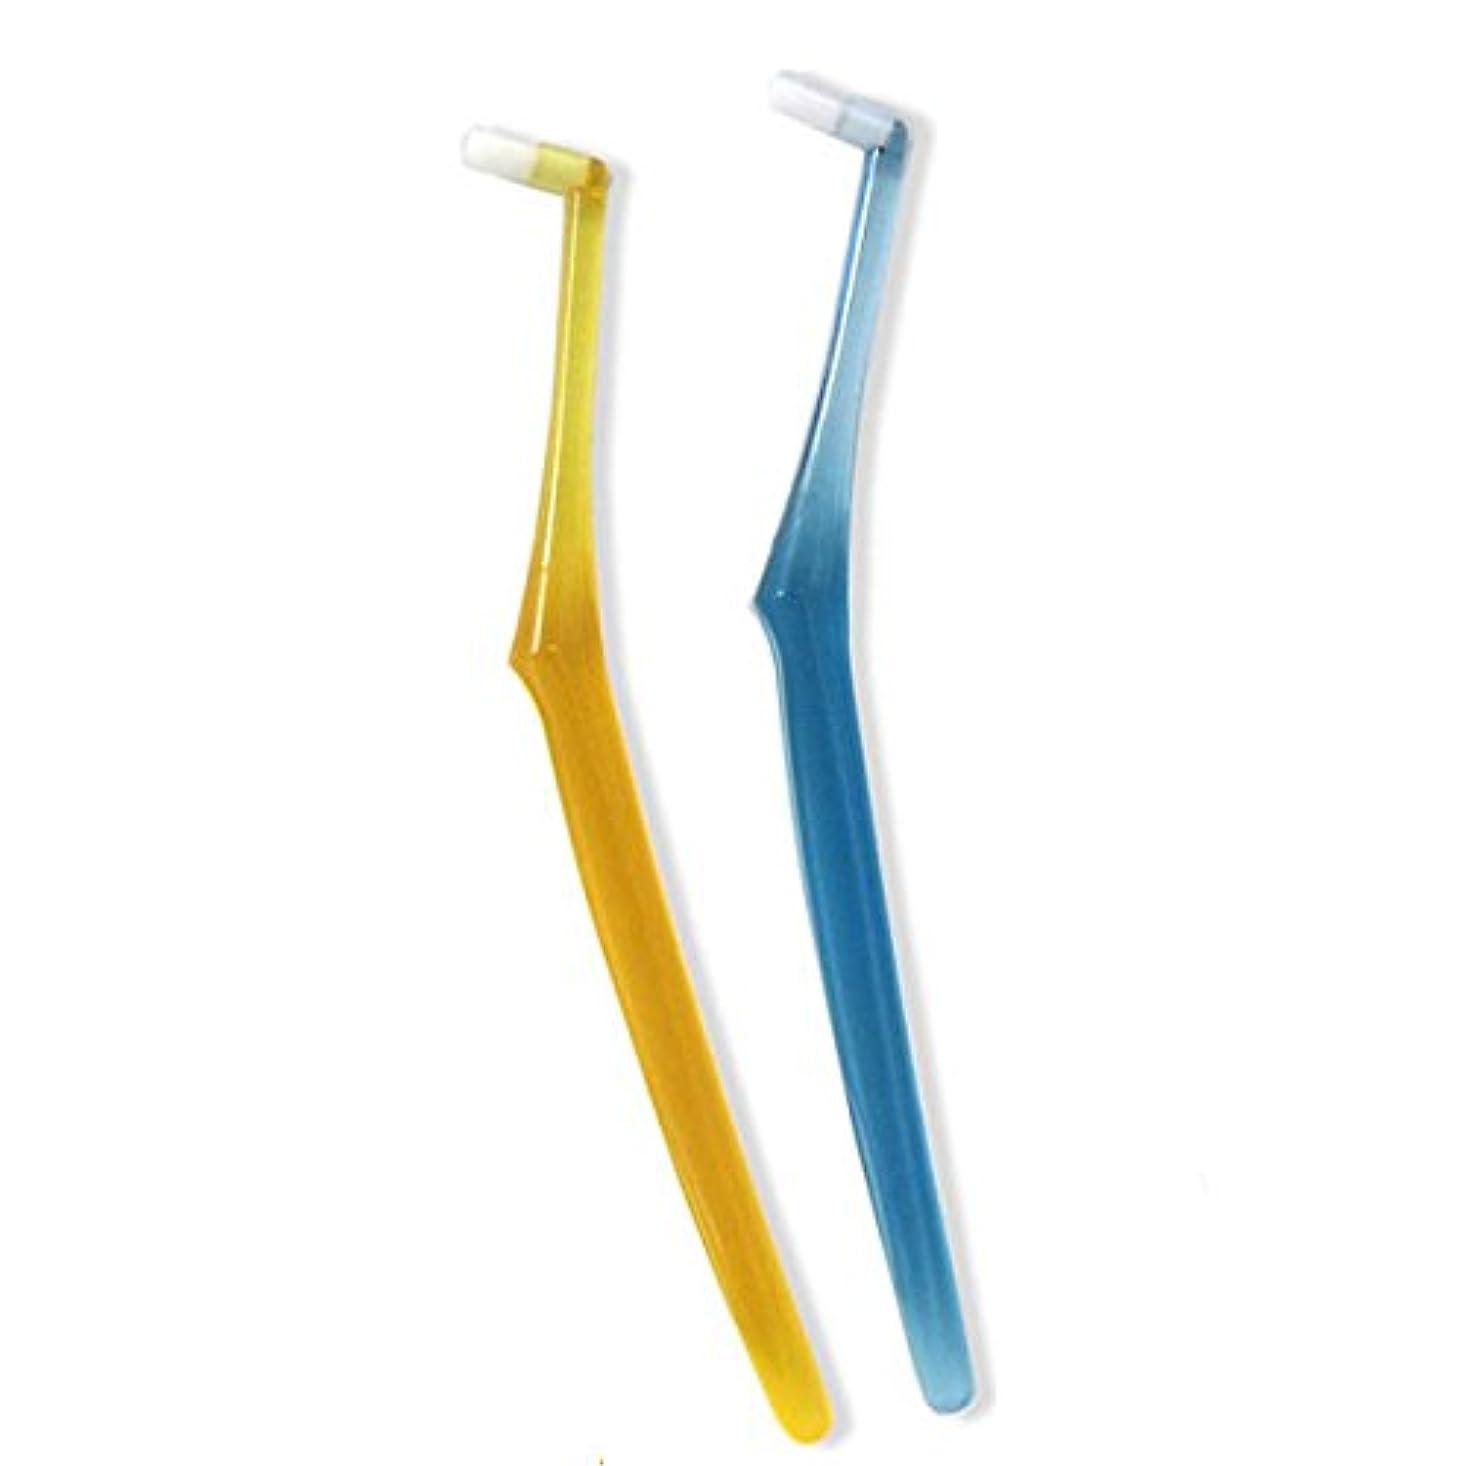 キウイ収入吹雪ワンタフト インプロインプラント専用 歯ブラシ (S(ソフト))